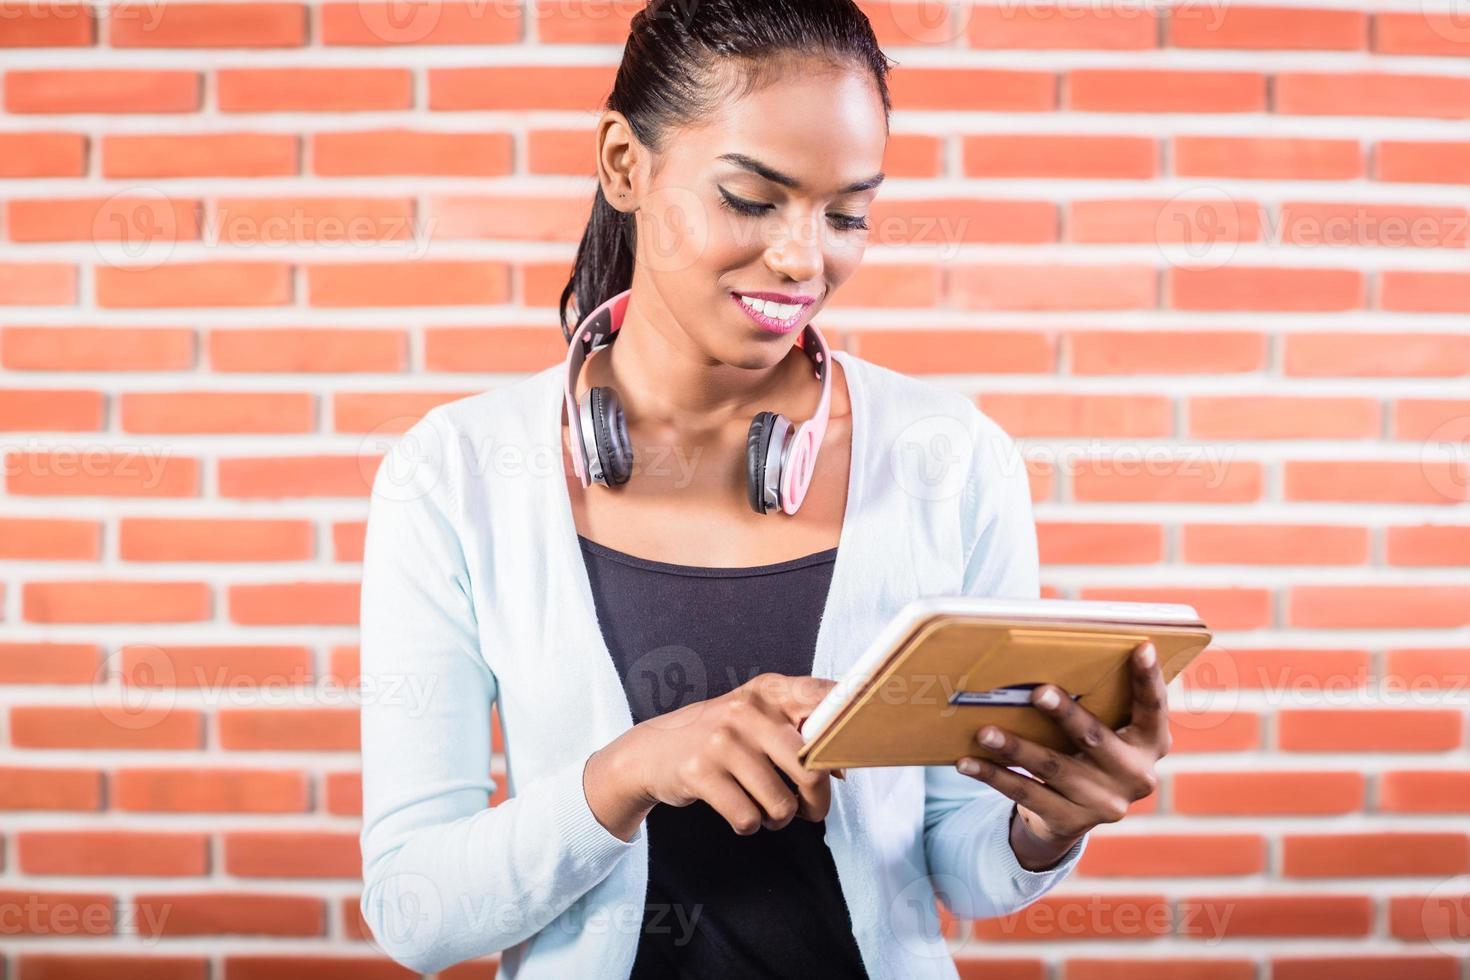 studente universitario indiano con computer tablet foto